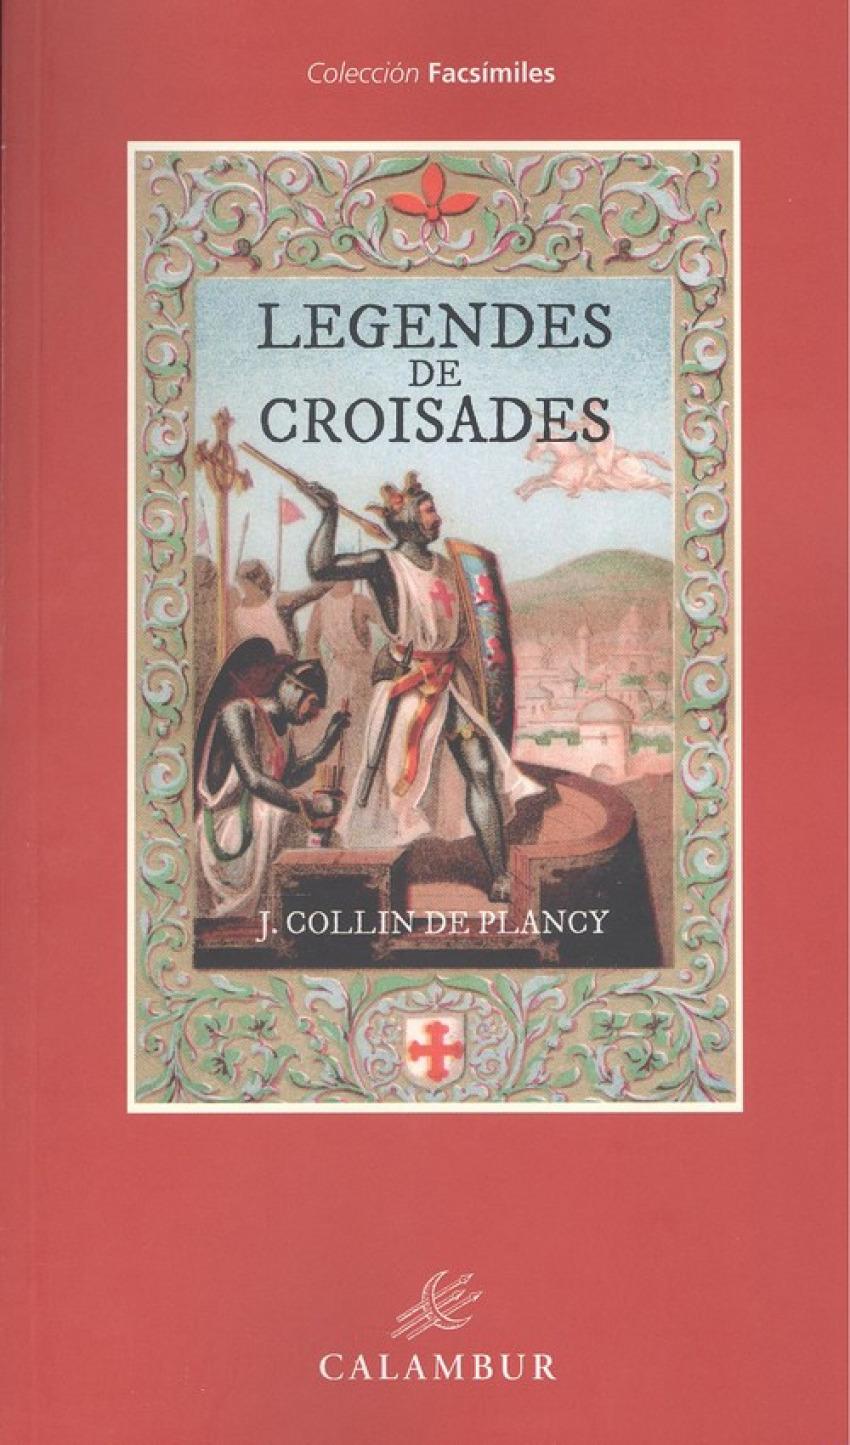 LEGENDES DE CROISADES 9788483595138